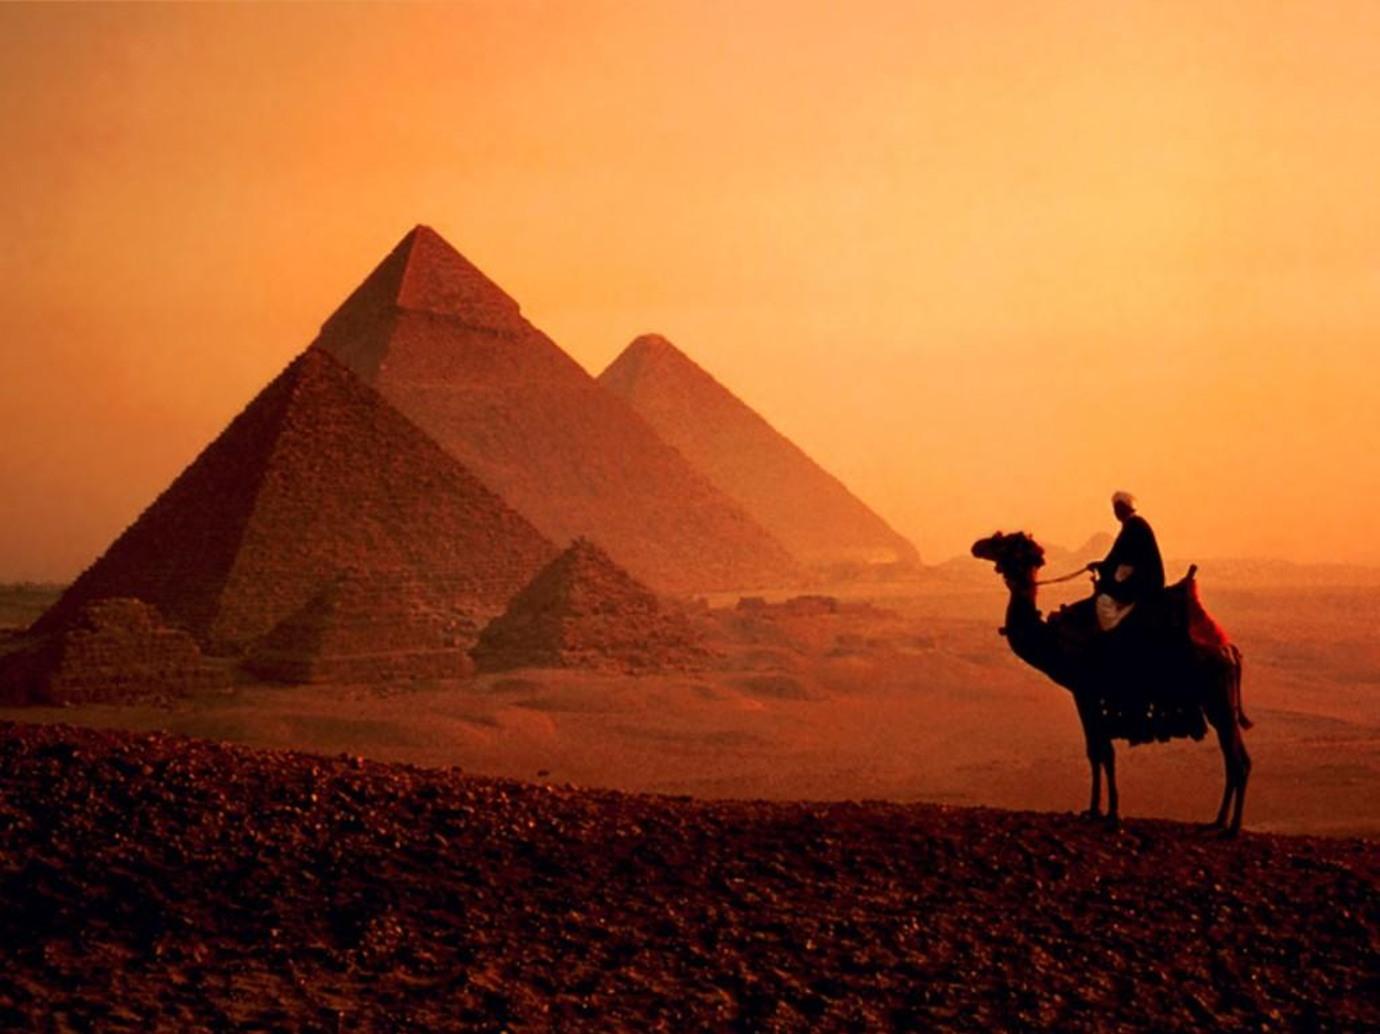 اهم المعلومات عن بناء الاهرامات